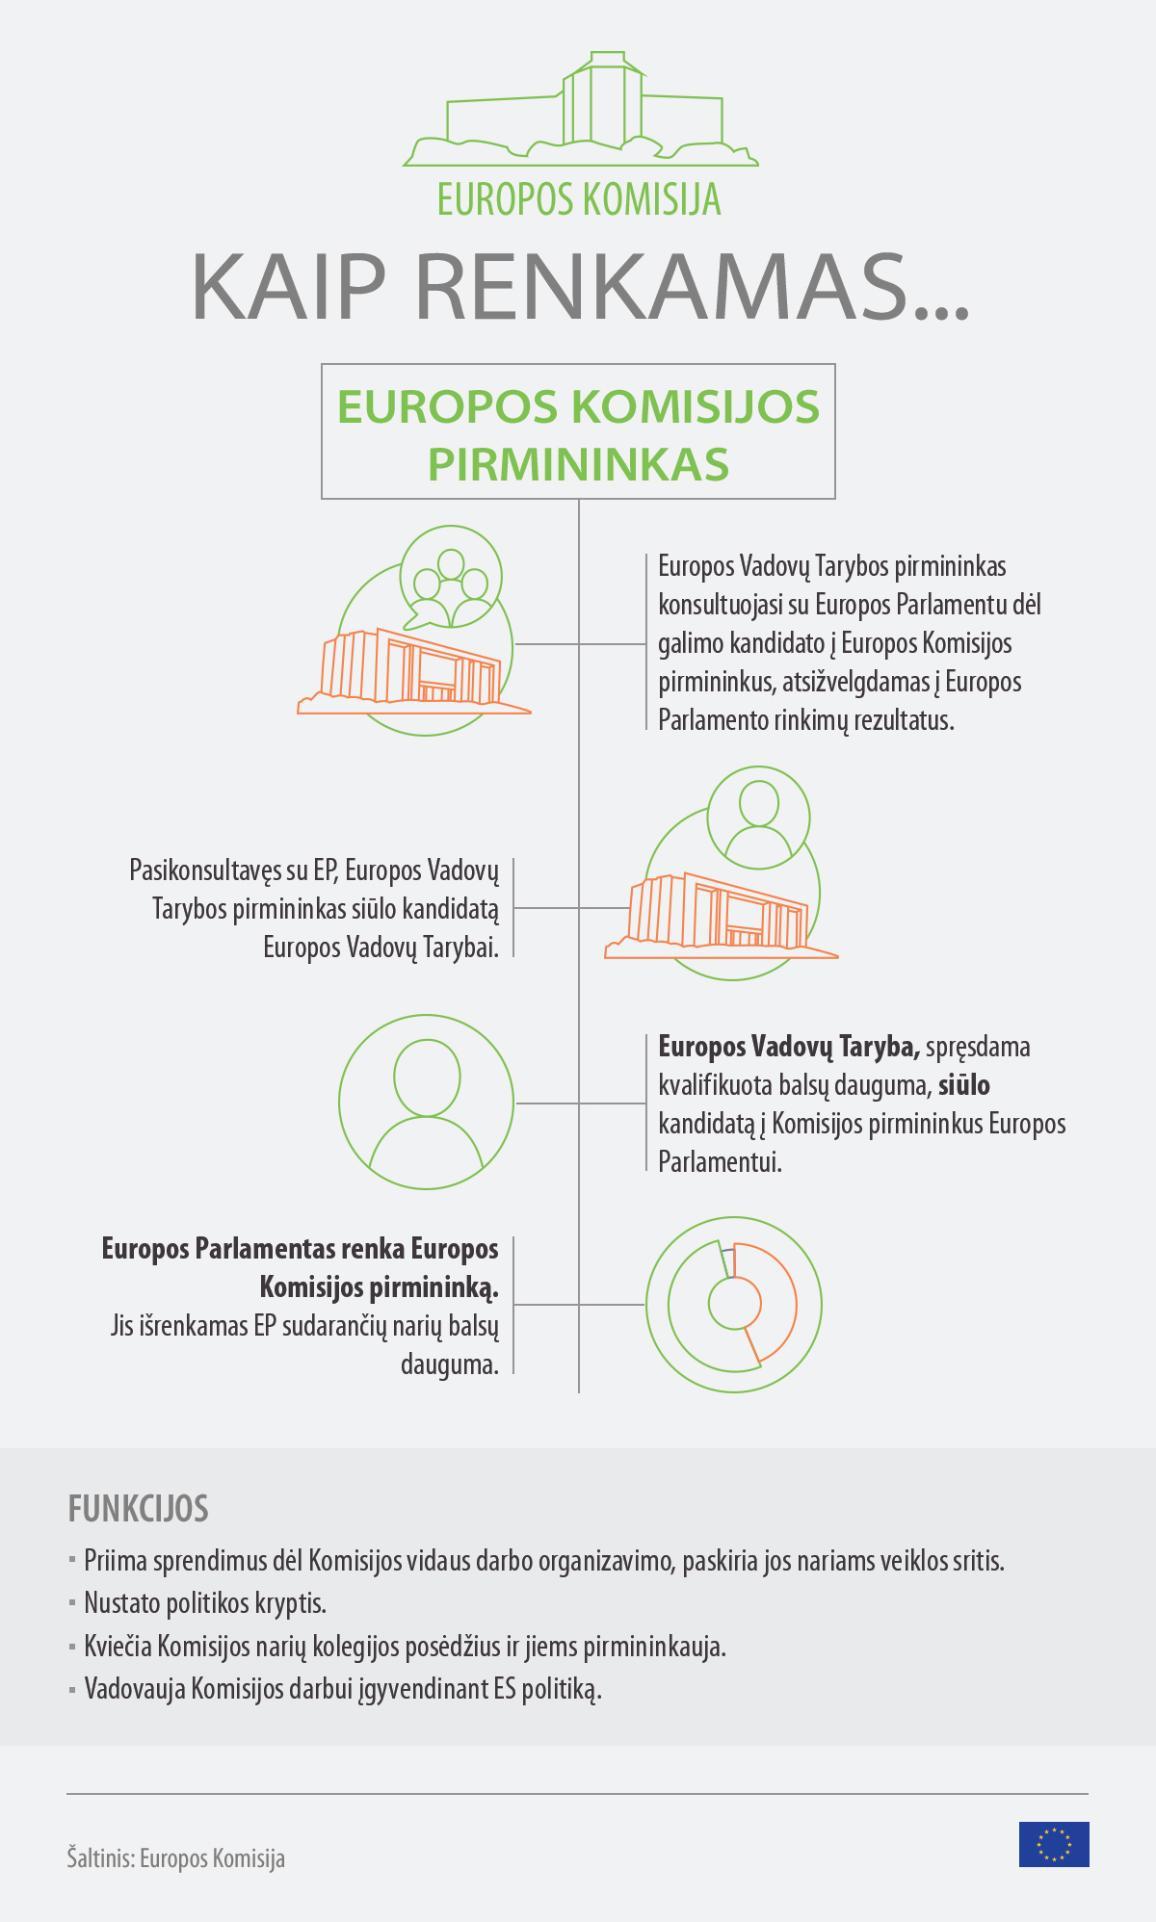 EK pirmininko rinkimų procedūros diagrama